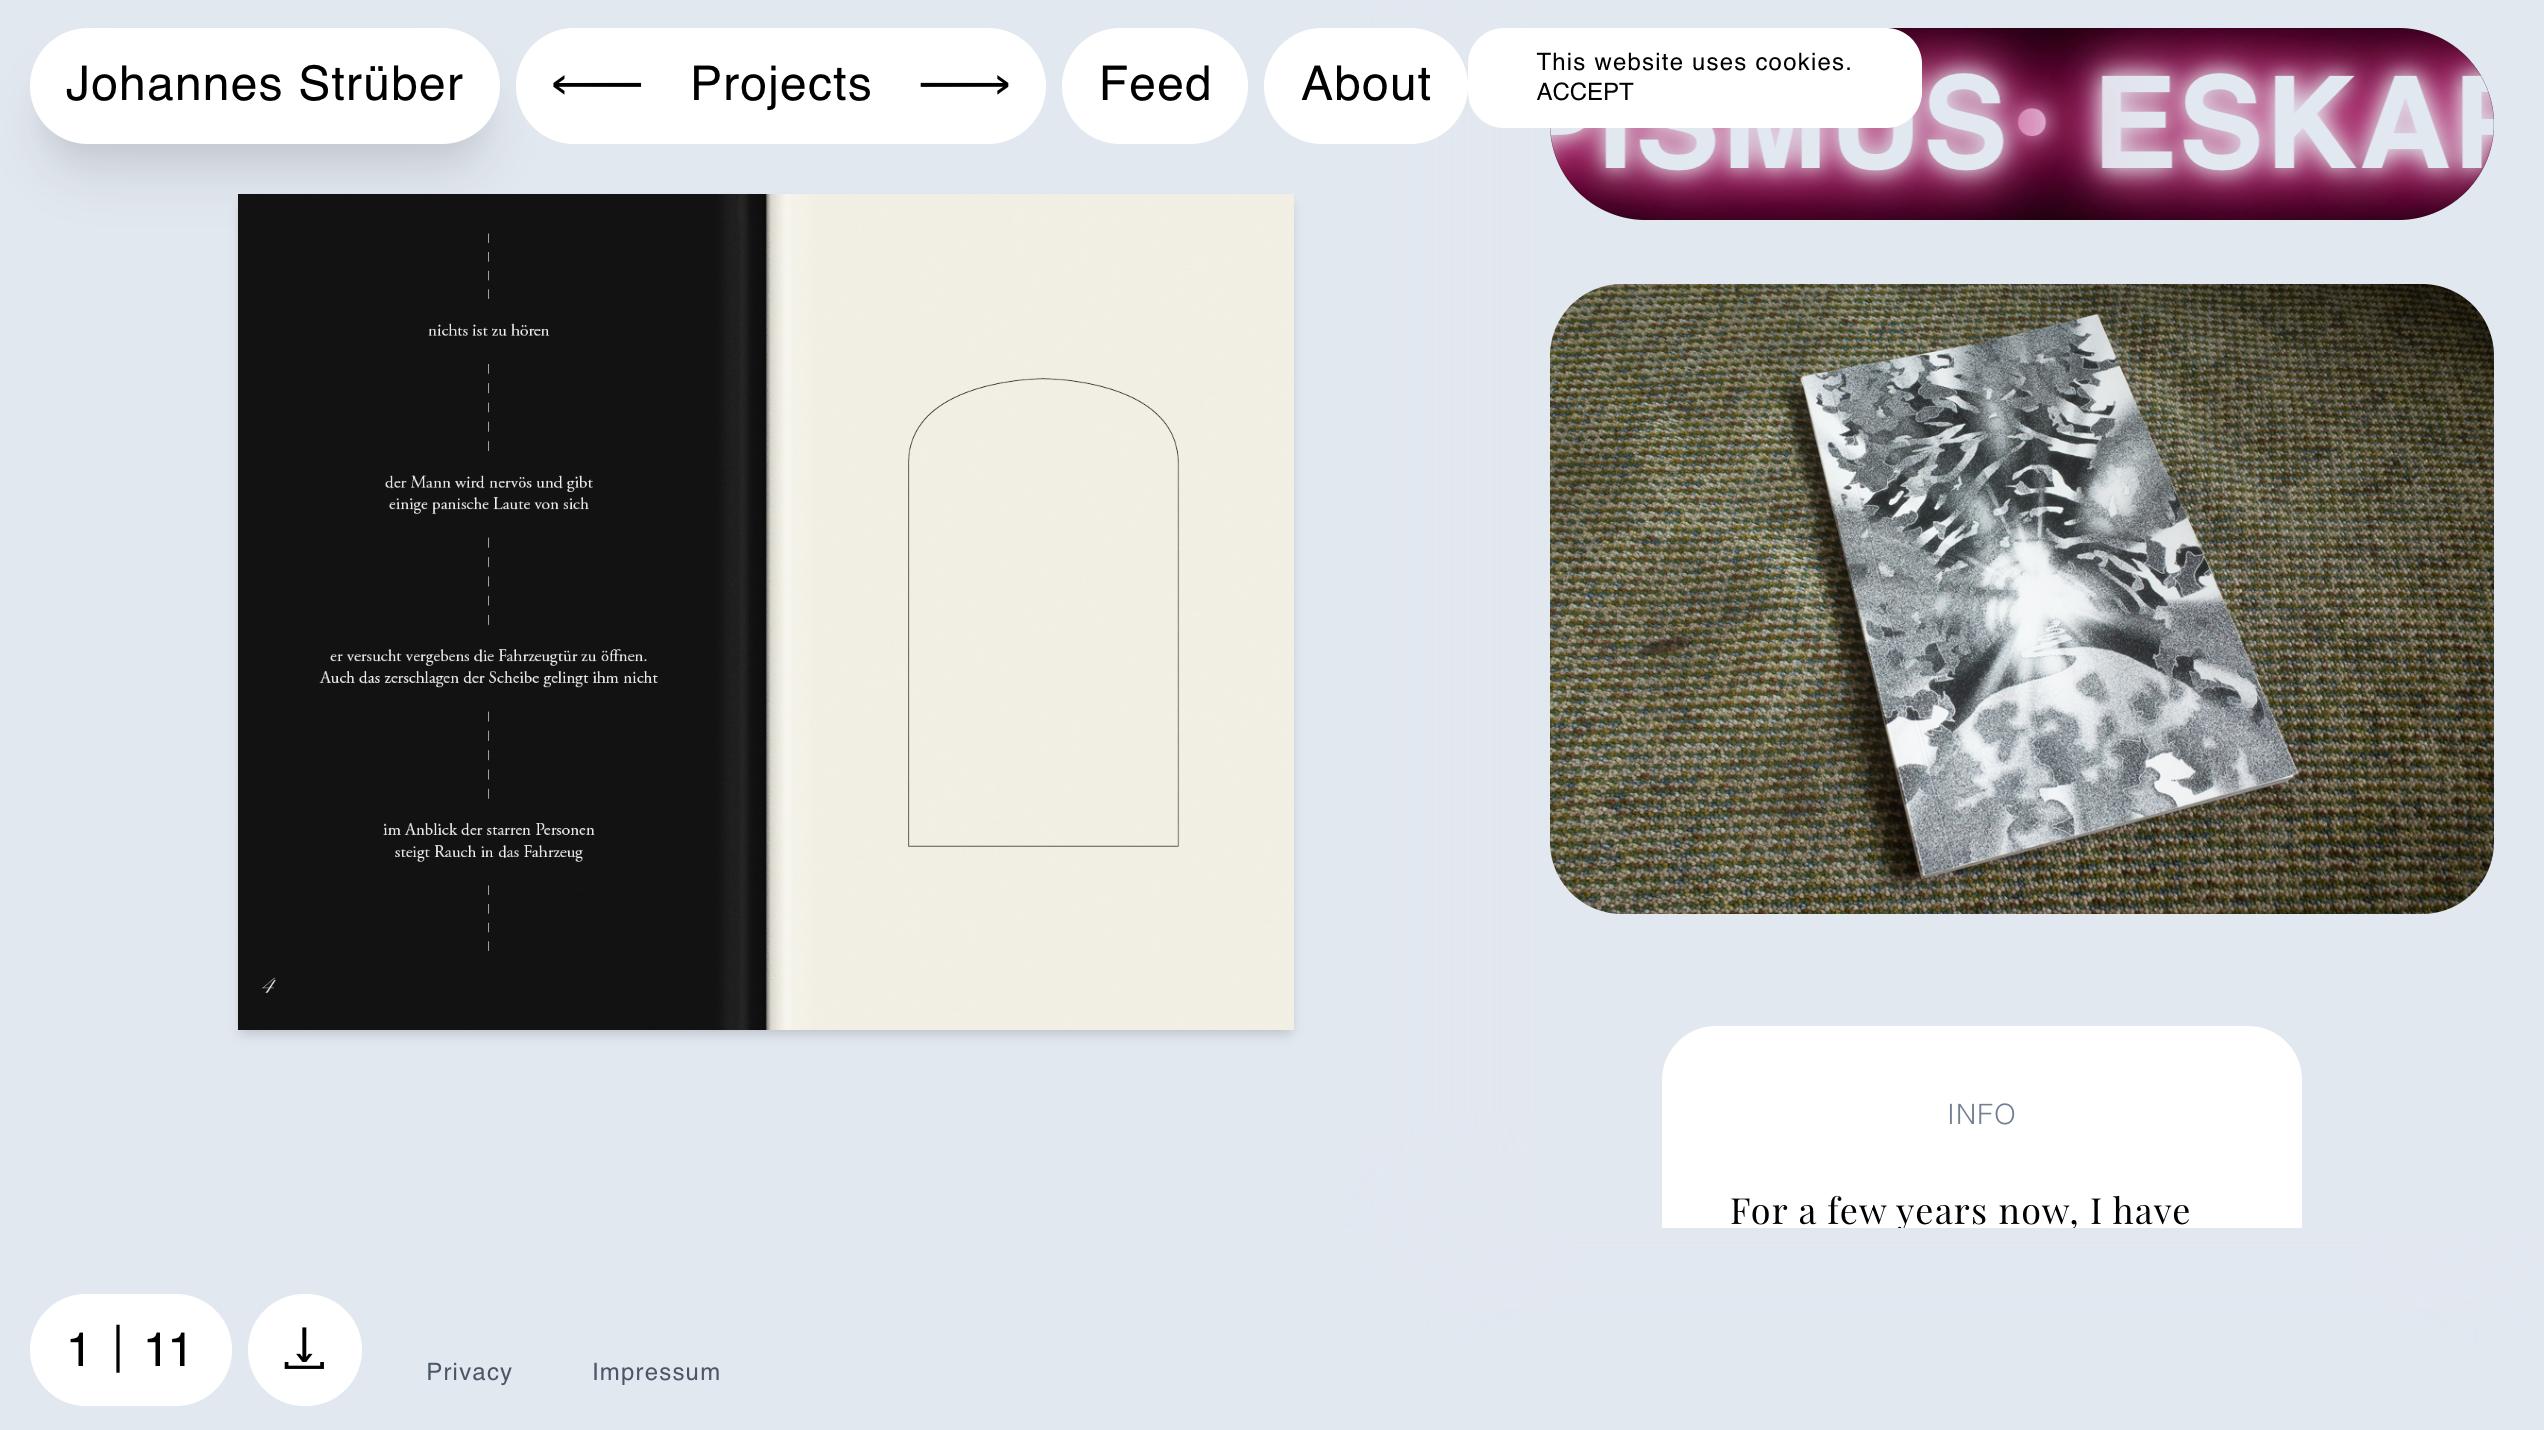 Johannes Strüber website design